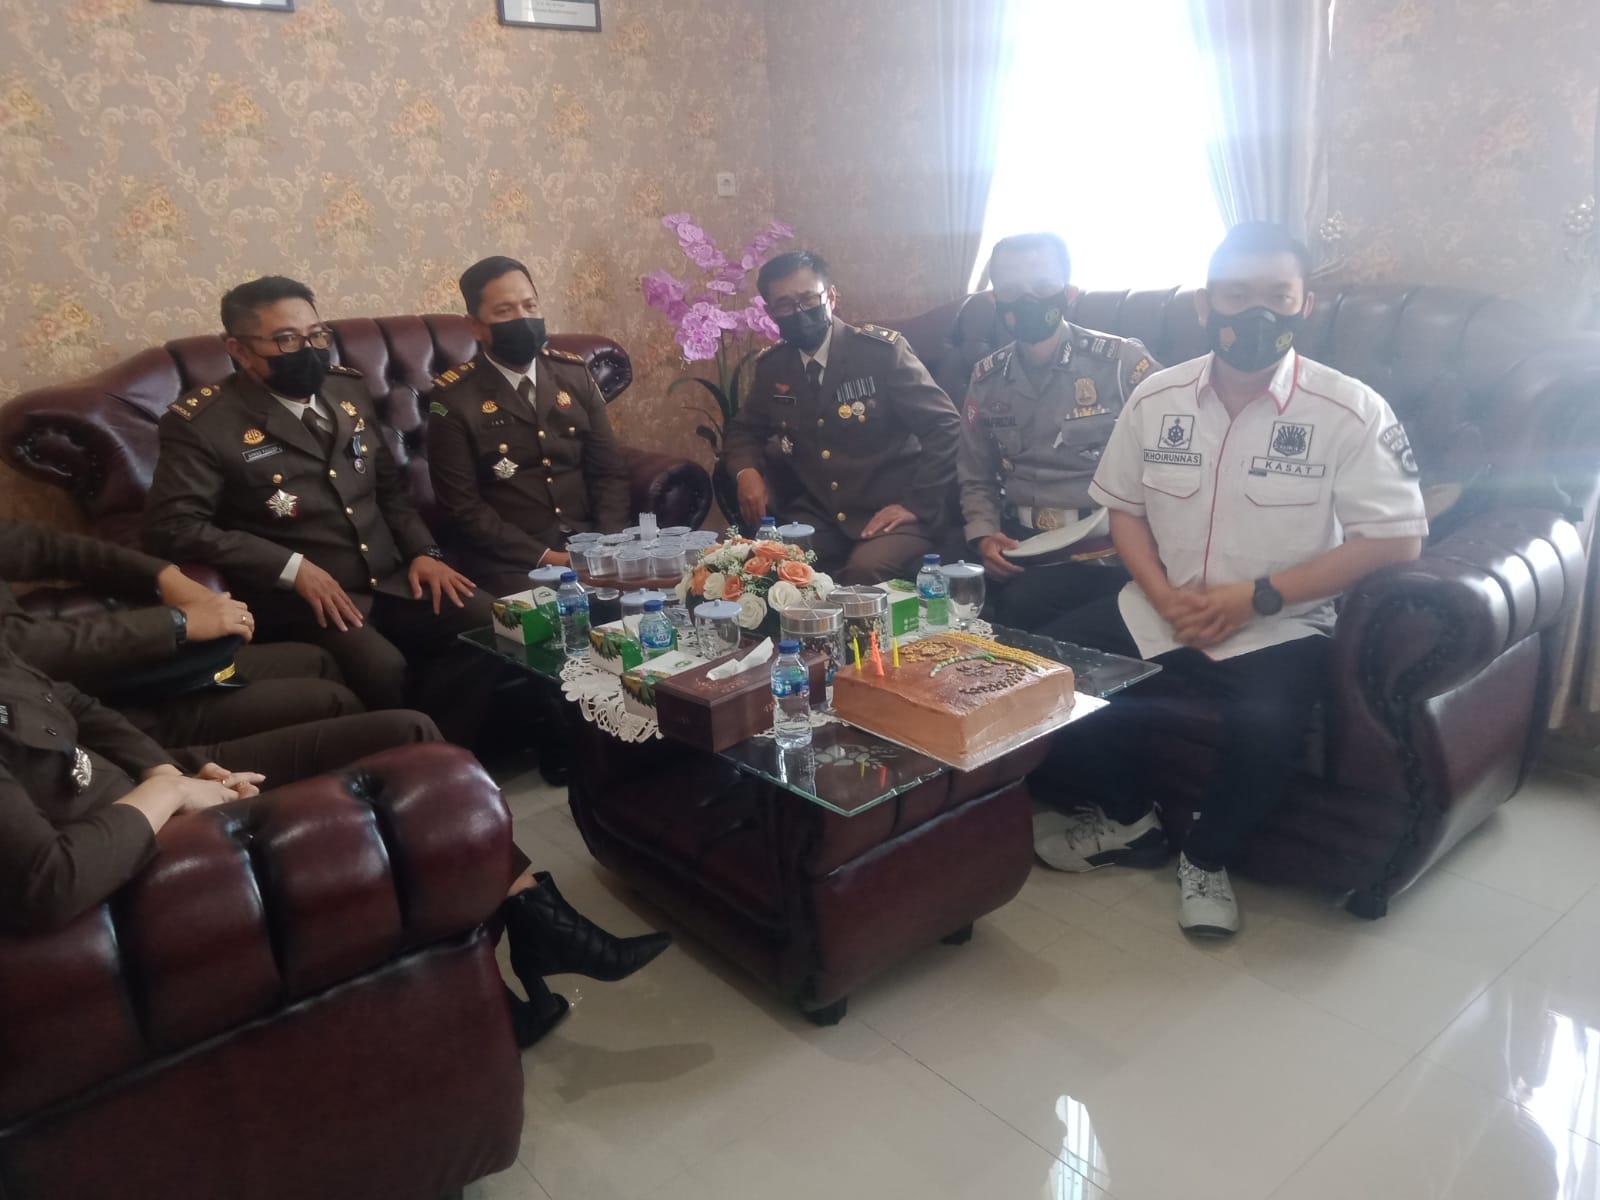 Kapolres Muaro Jambi AKBP Yuyan Priatmaja SIK MH, bersama Wakapolres Kompol Novrizal beri suprise pada Kejari, Kamis (22/07/2021)